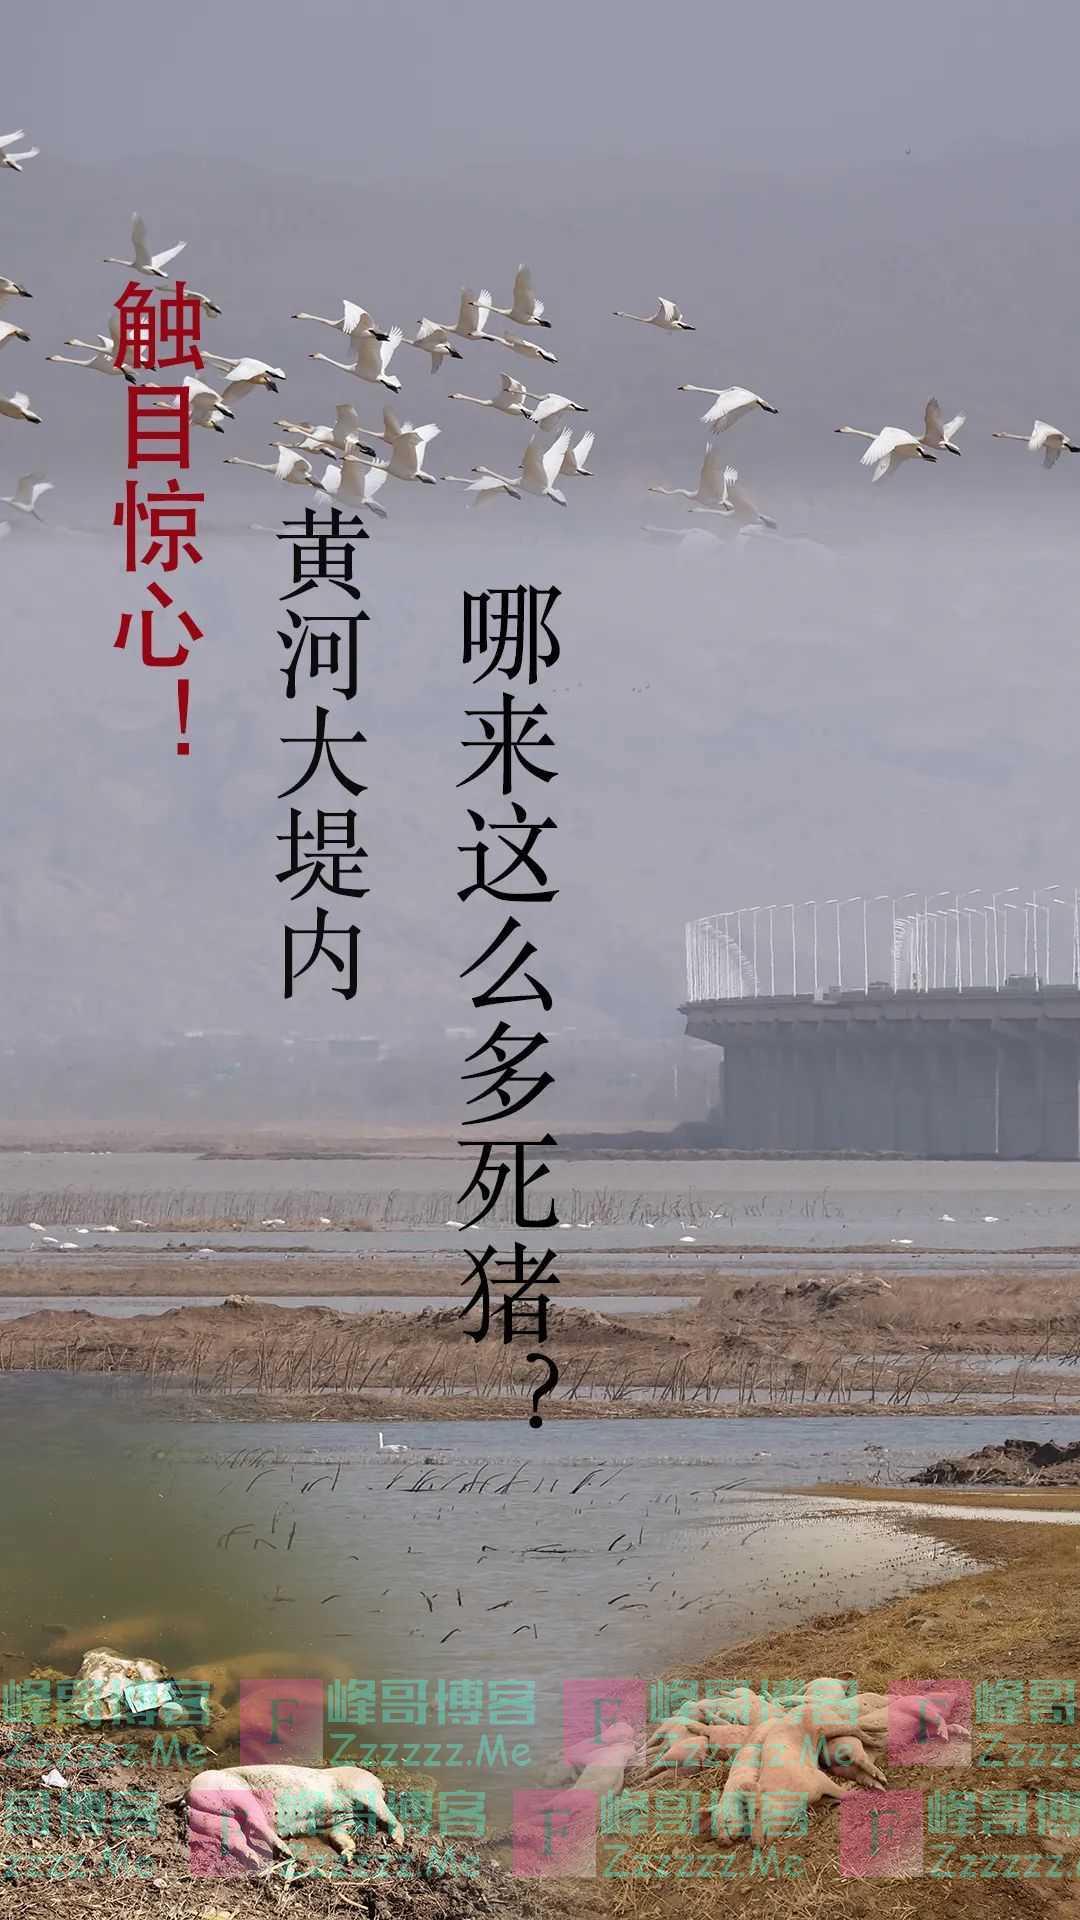 触目惊心!黄河大堤内多处现大量死猪,有的已风化成骨架